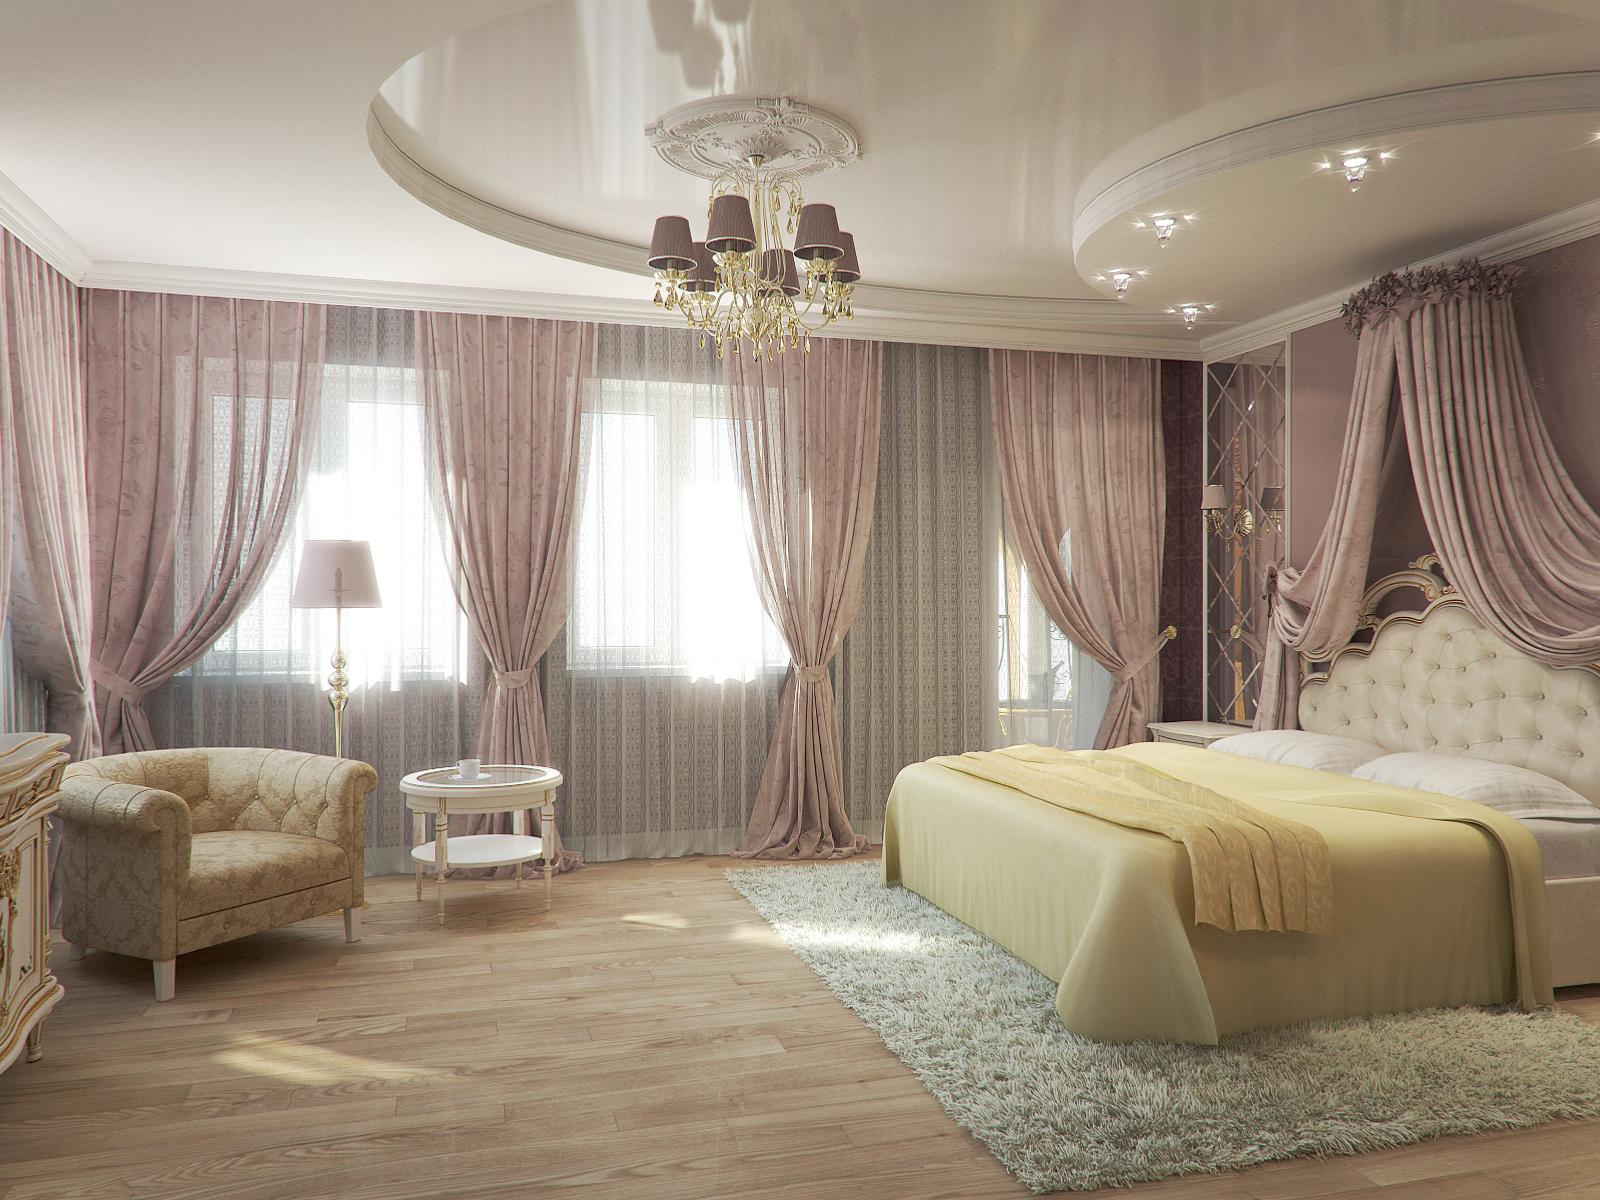 адекватные рыночные натяжной потолок в спальне дизайн фото всю историю